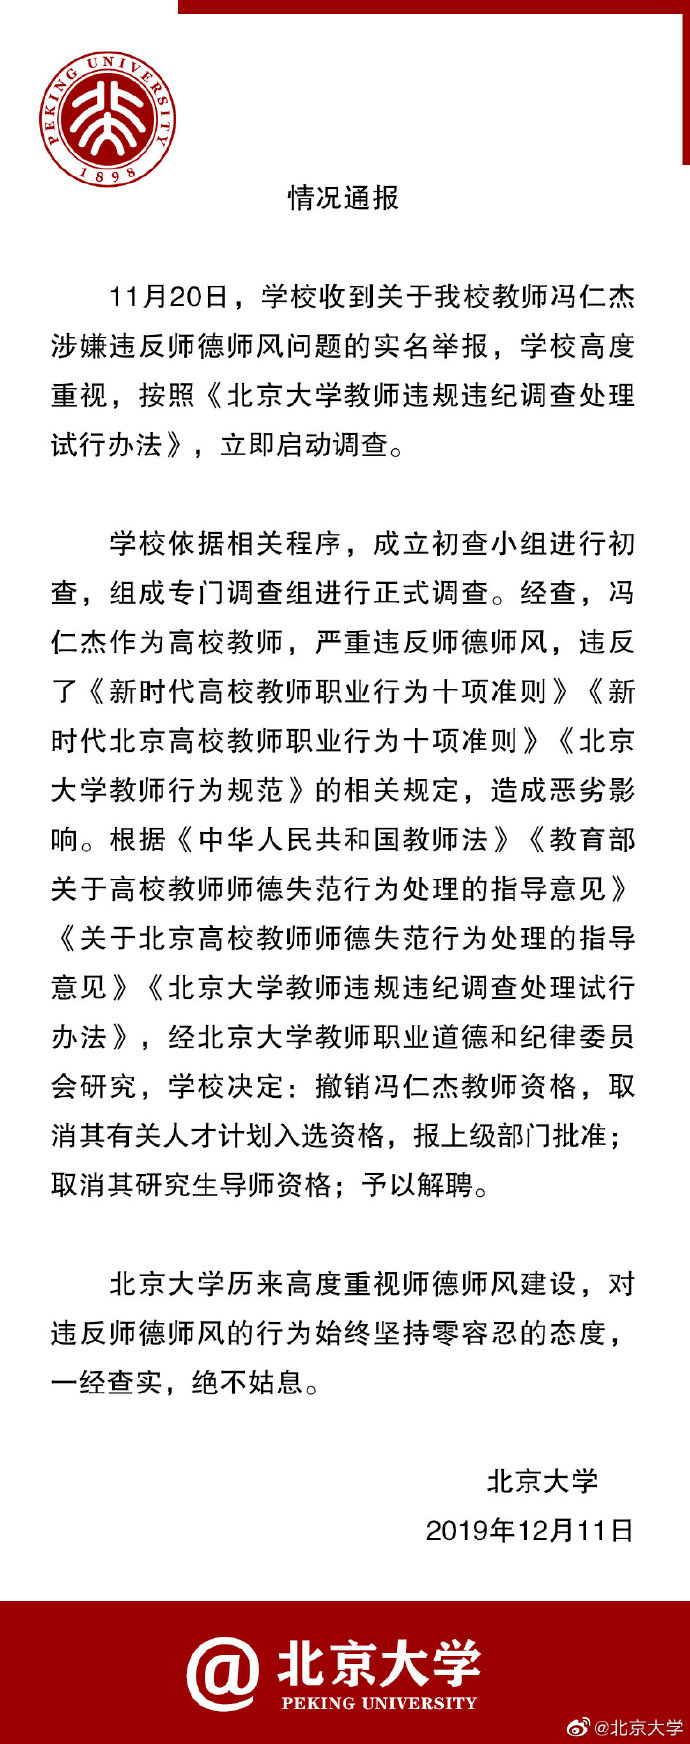 北京大学:撤销冯仁杰教师资格,予以解聘